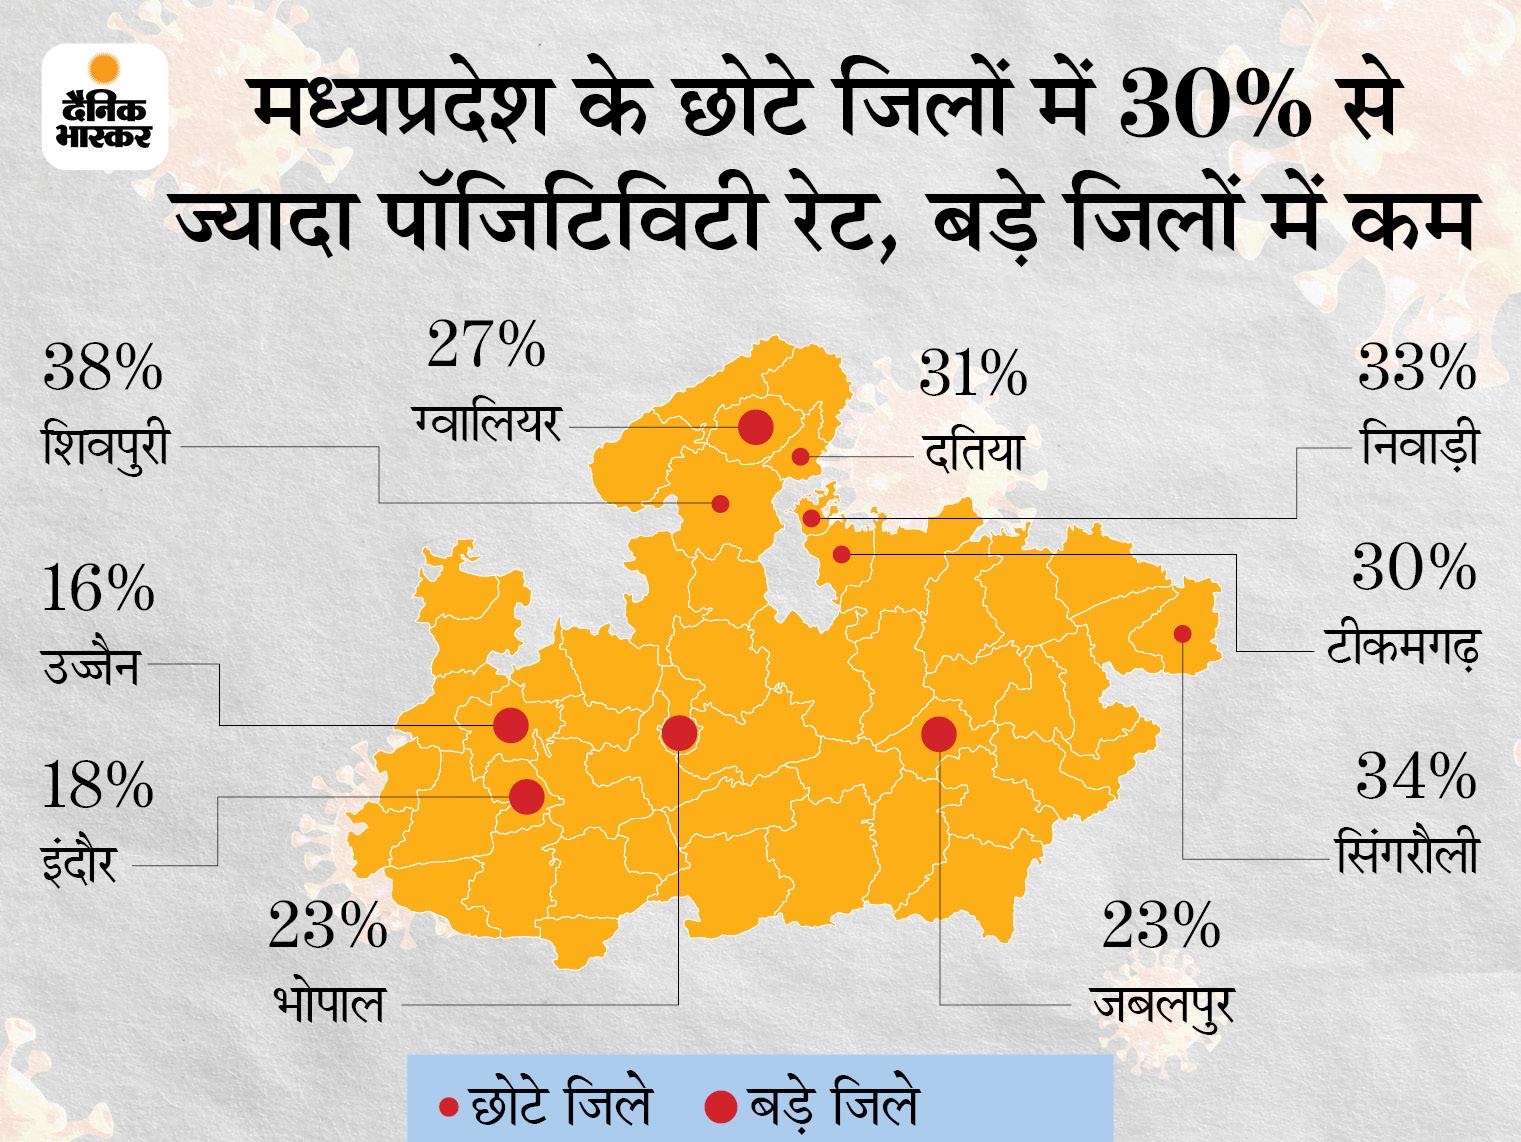 शिवपुरी में पॉजिटिविटी रेट 38%, इंदौर, धार और रीवा में एक भी ICU बेड खाली नहीं; ग्वालियर में भोपाल से भी ज्यादा मौतें|मध्य प्रदेश,Madhya Pradesh - Dainik Bhaskar